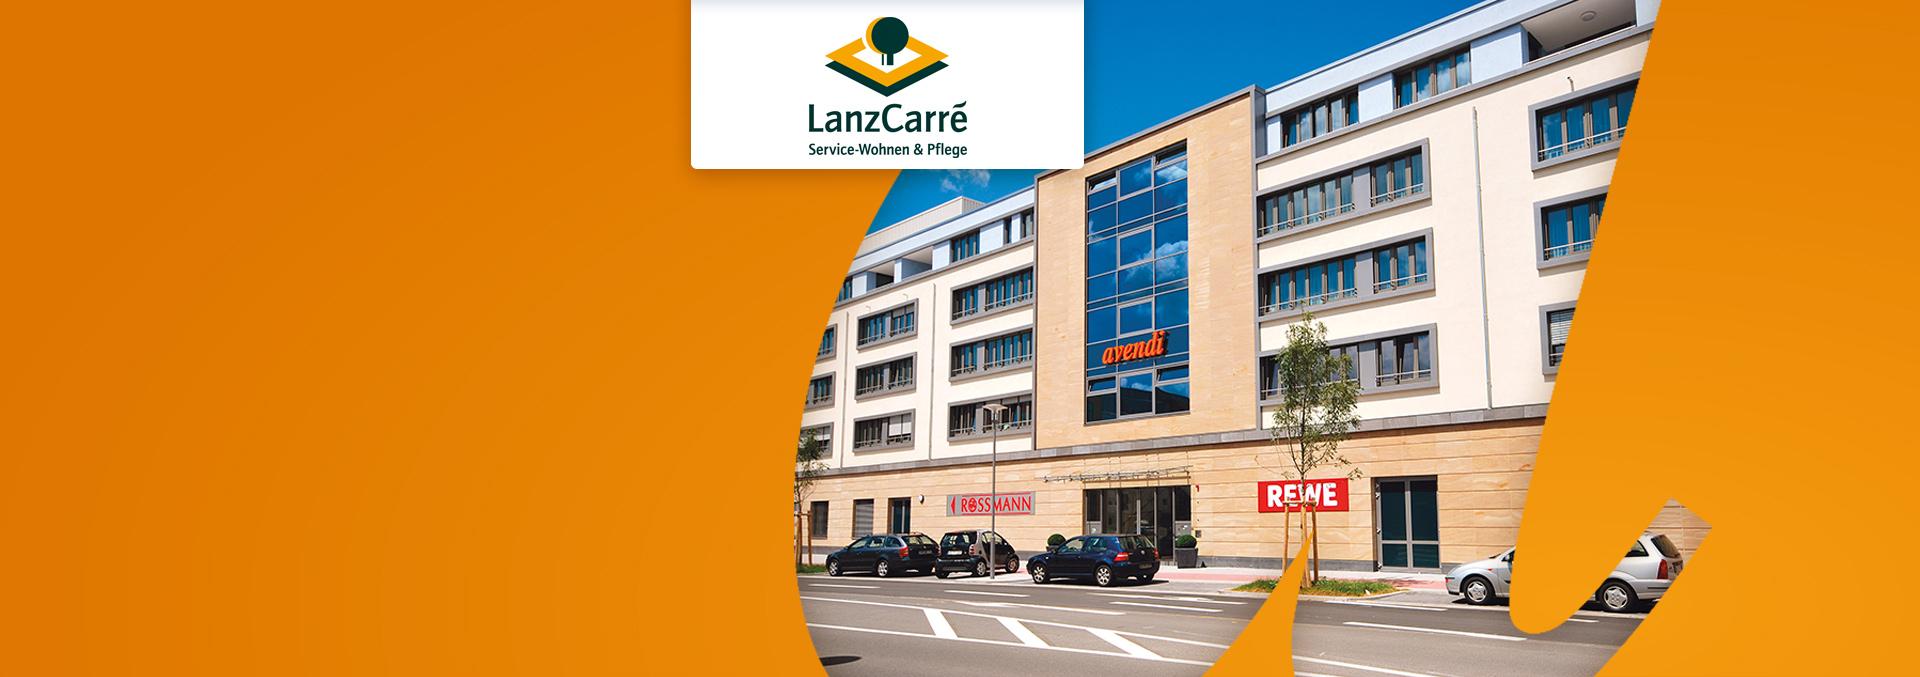 Service-Wohnen und Pflege LanzCarré Außenansicht, Eingangsbereich.